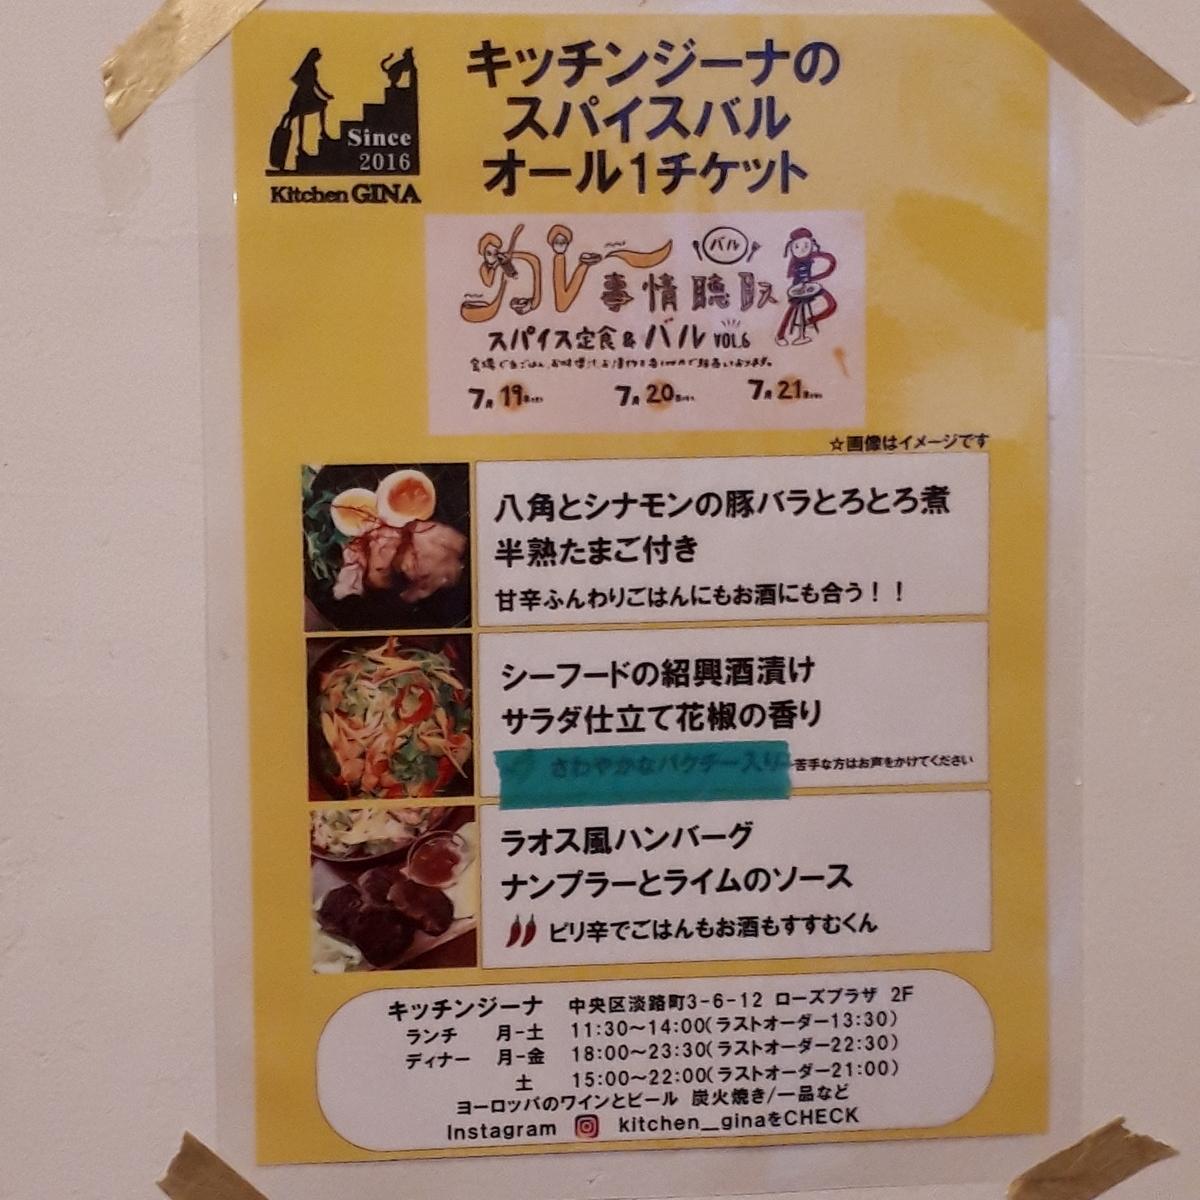 カレー事情聴取スパイス定食&バルVol.6 2019年7月21日 Kitchen GINA メニュー